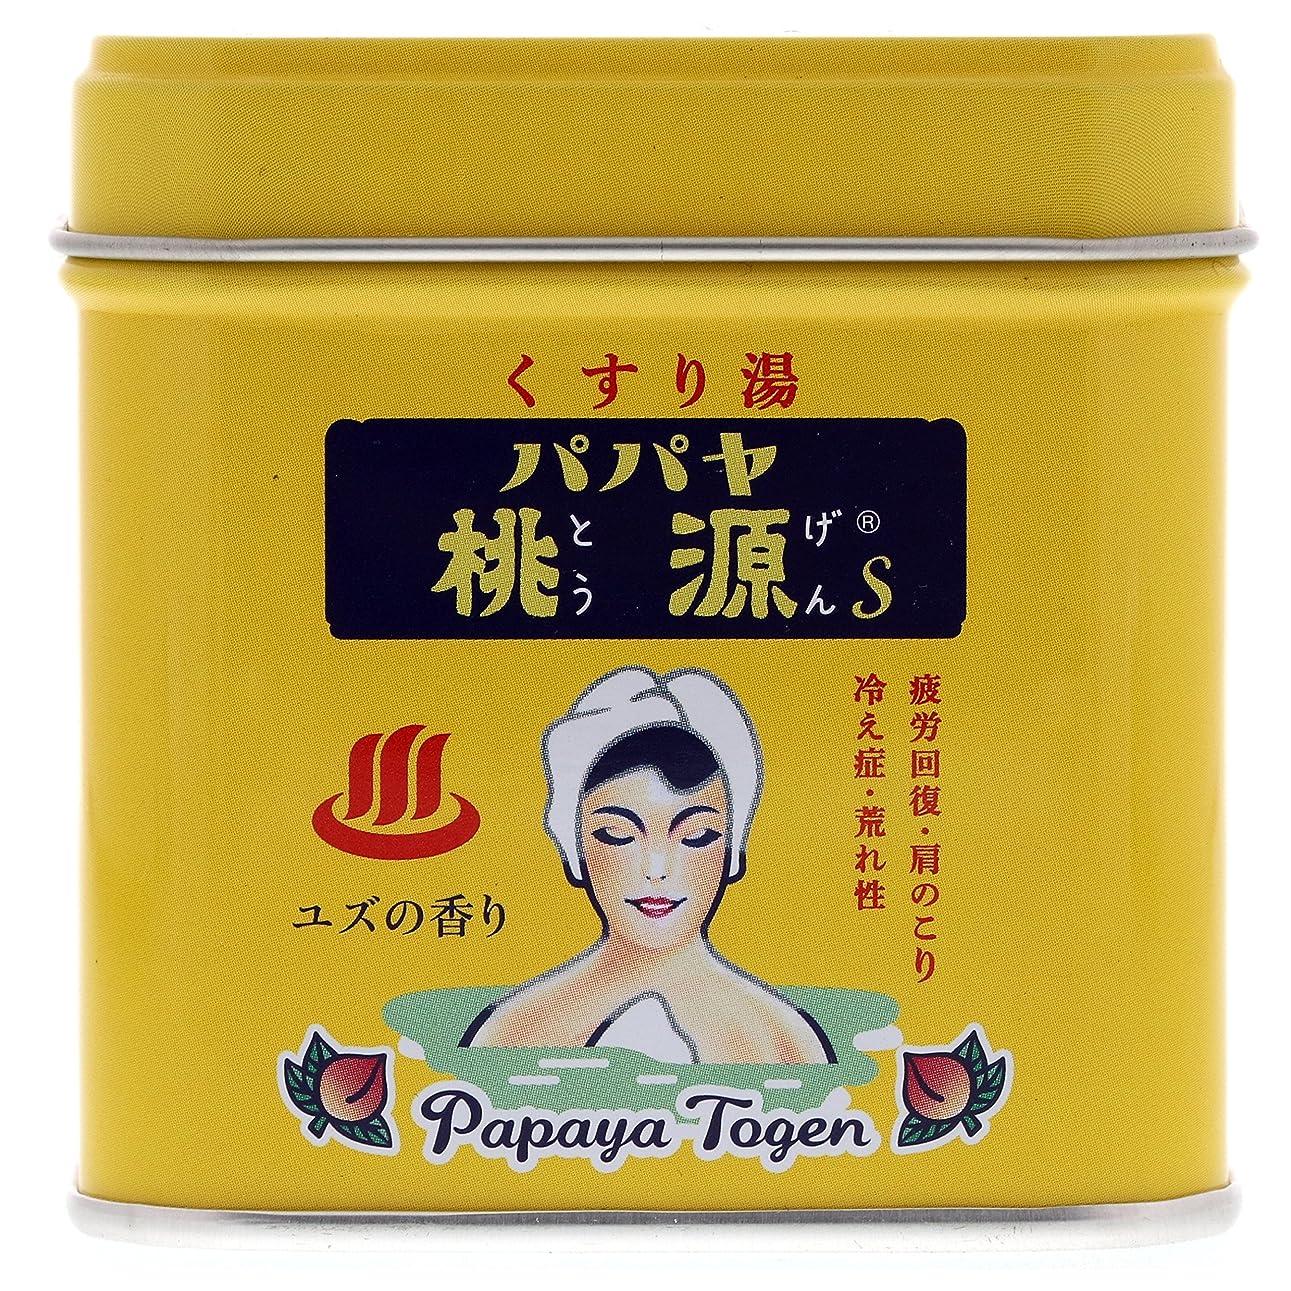 なしで蒸気顎パパヤ桃源S 70g缶 ユズの香り [医薬部外品]